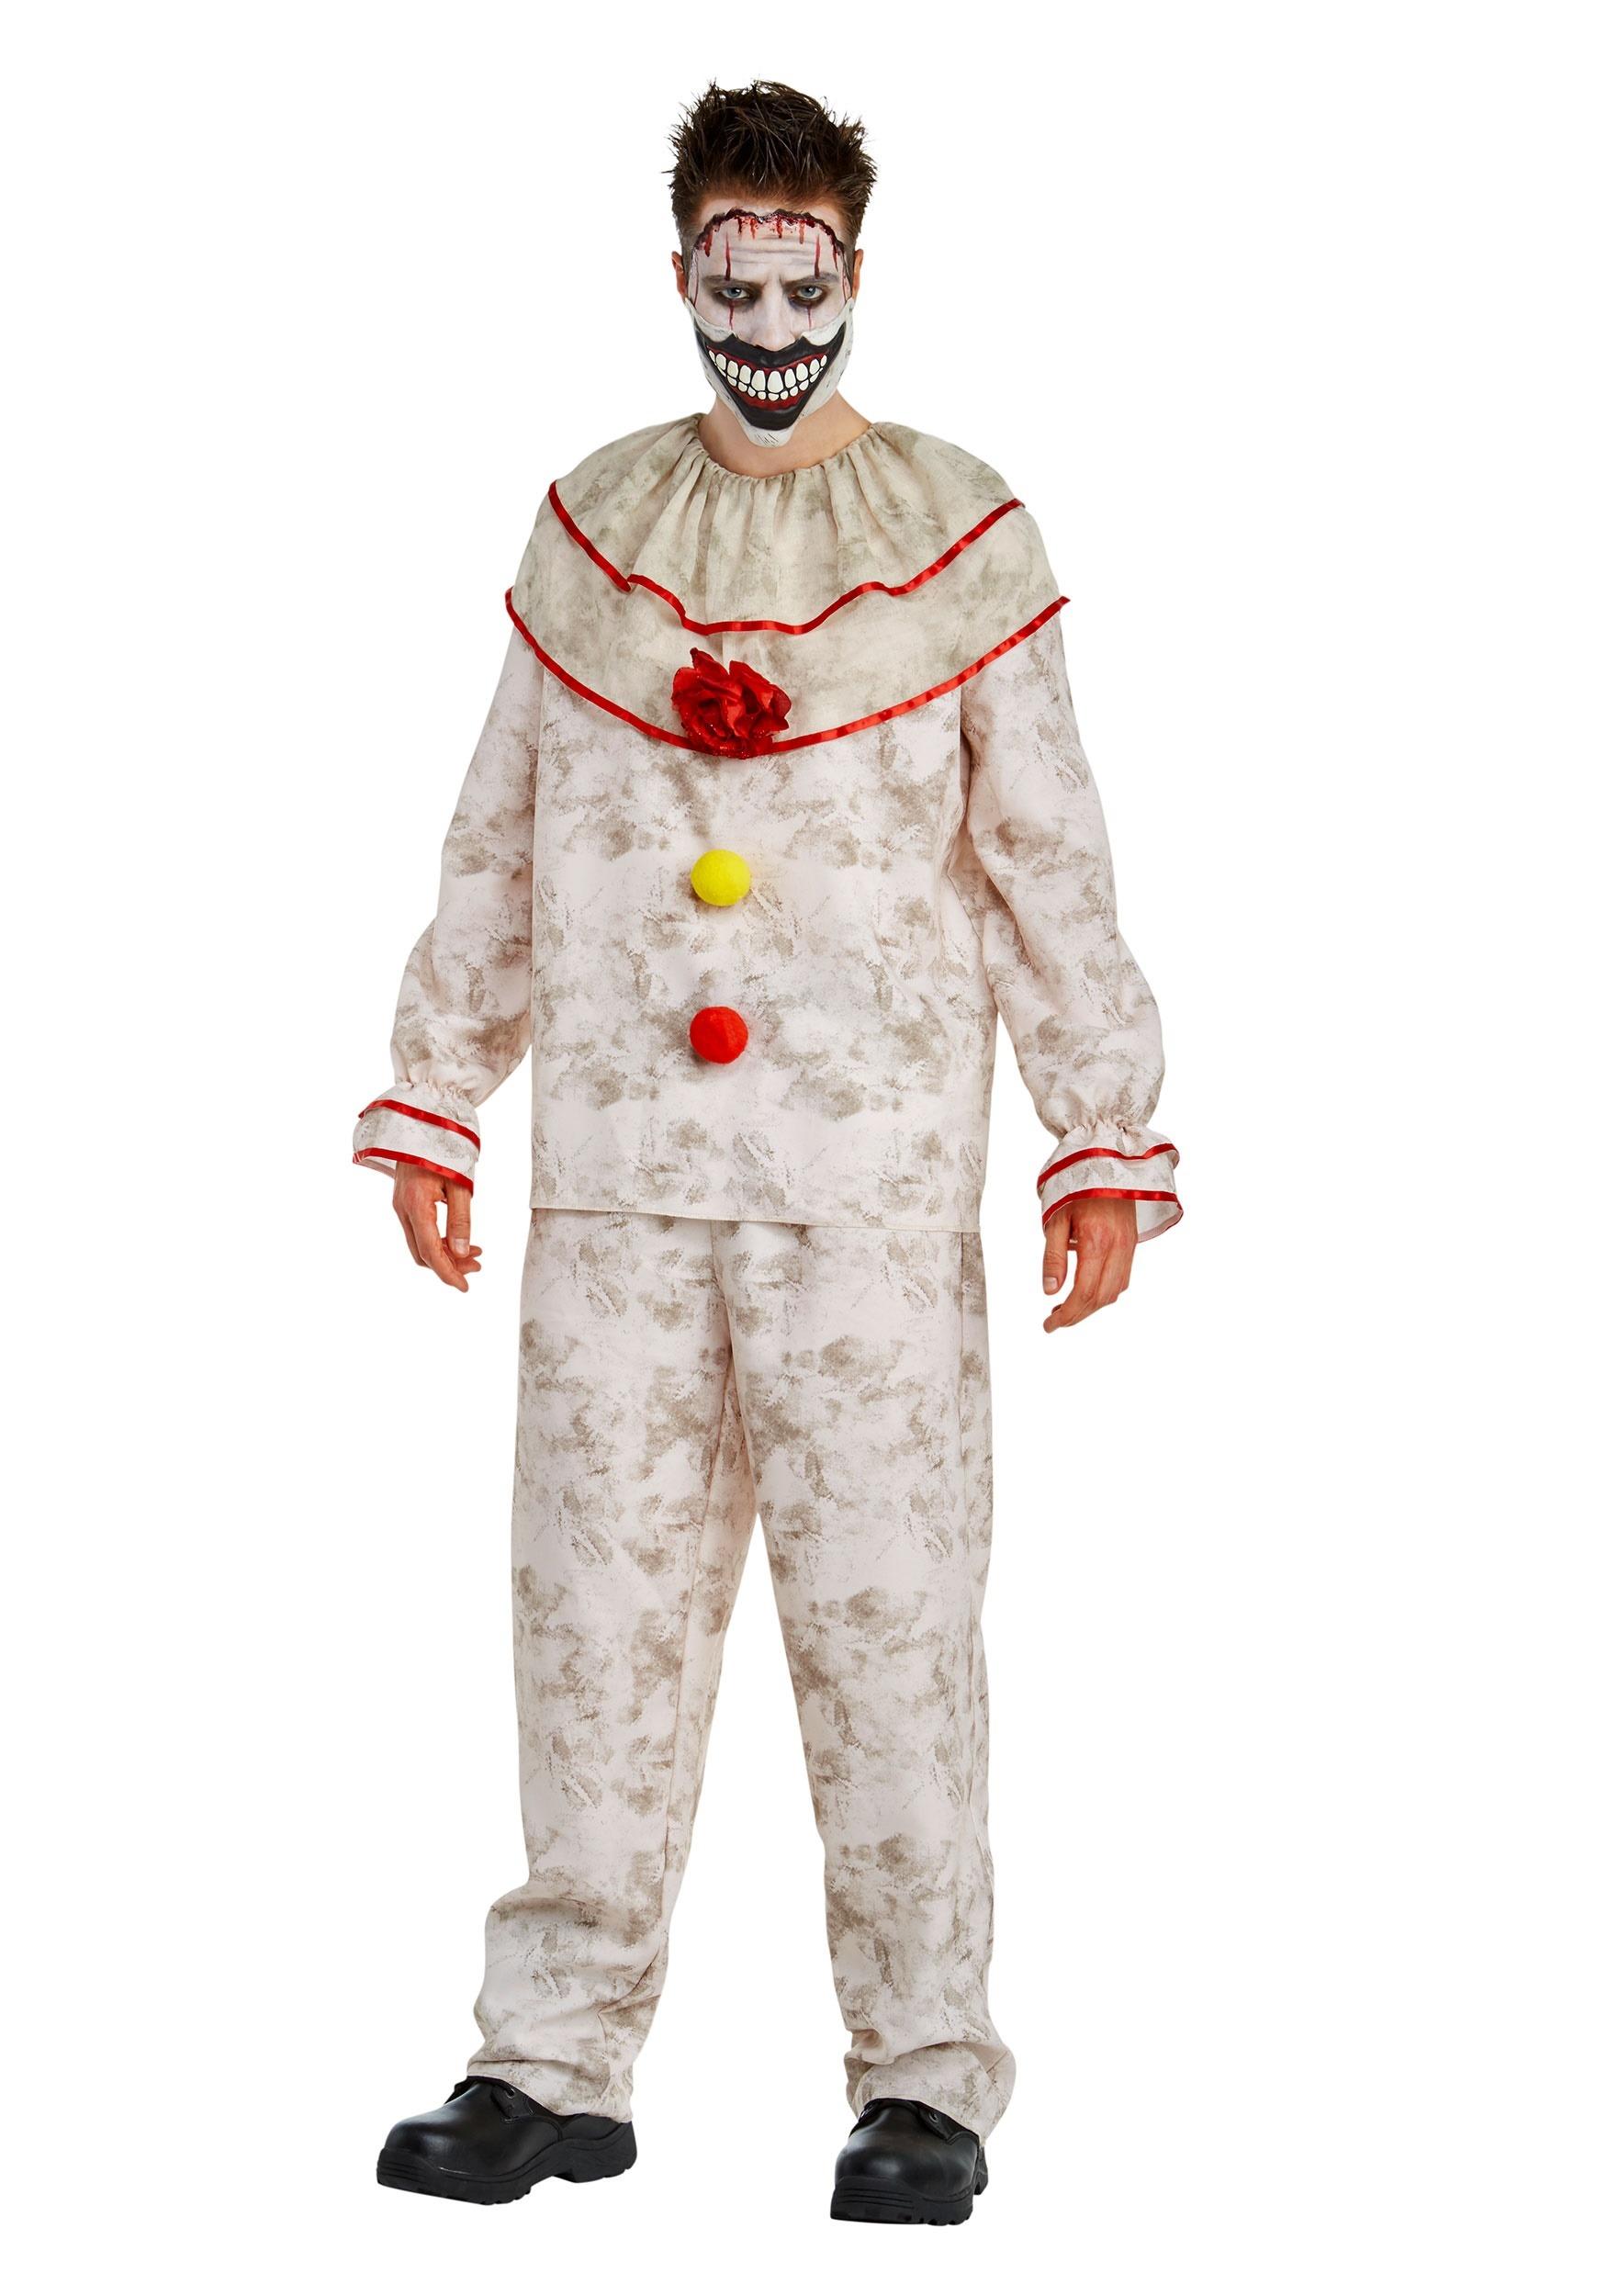 American Horror Story Twisty the Clown Fancy Dress Costume for Men